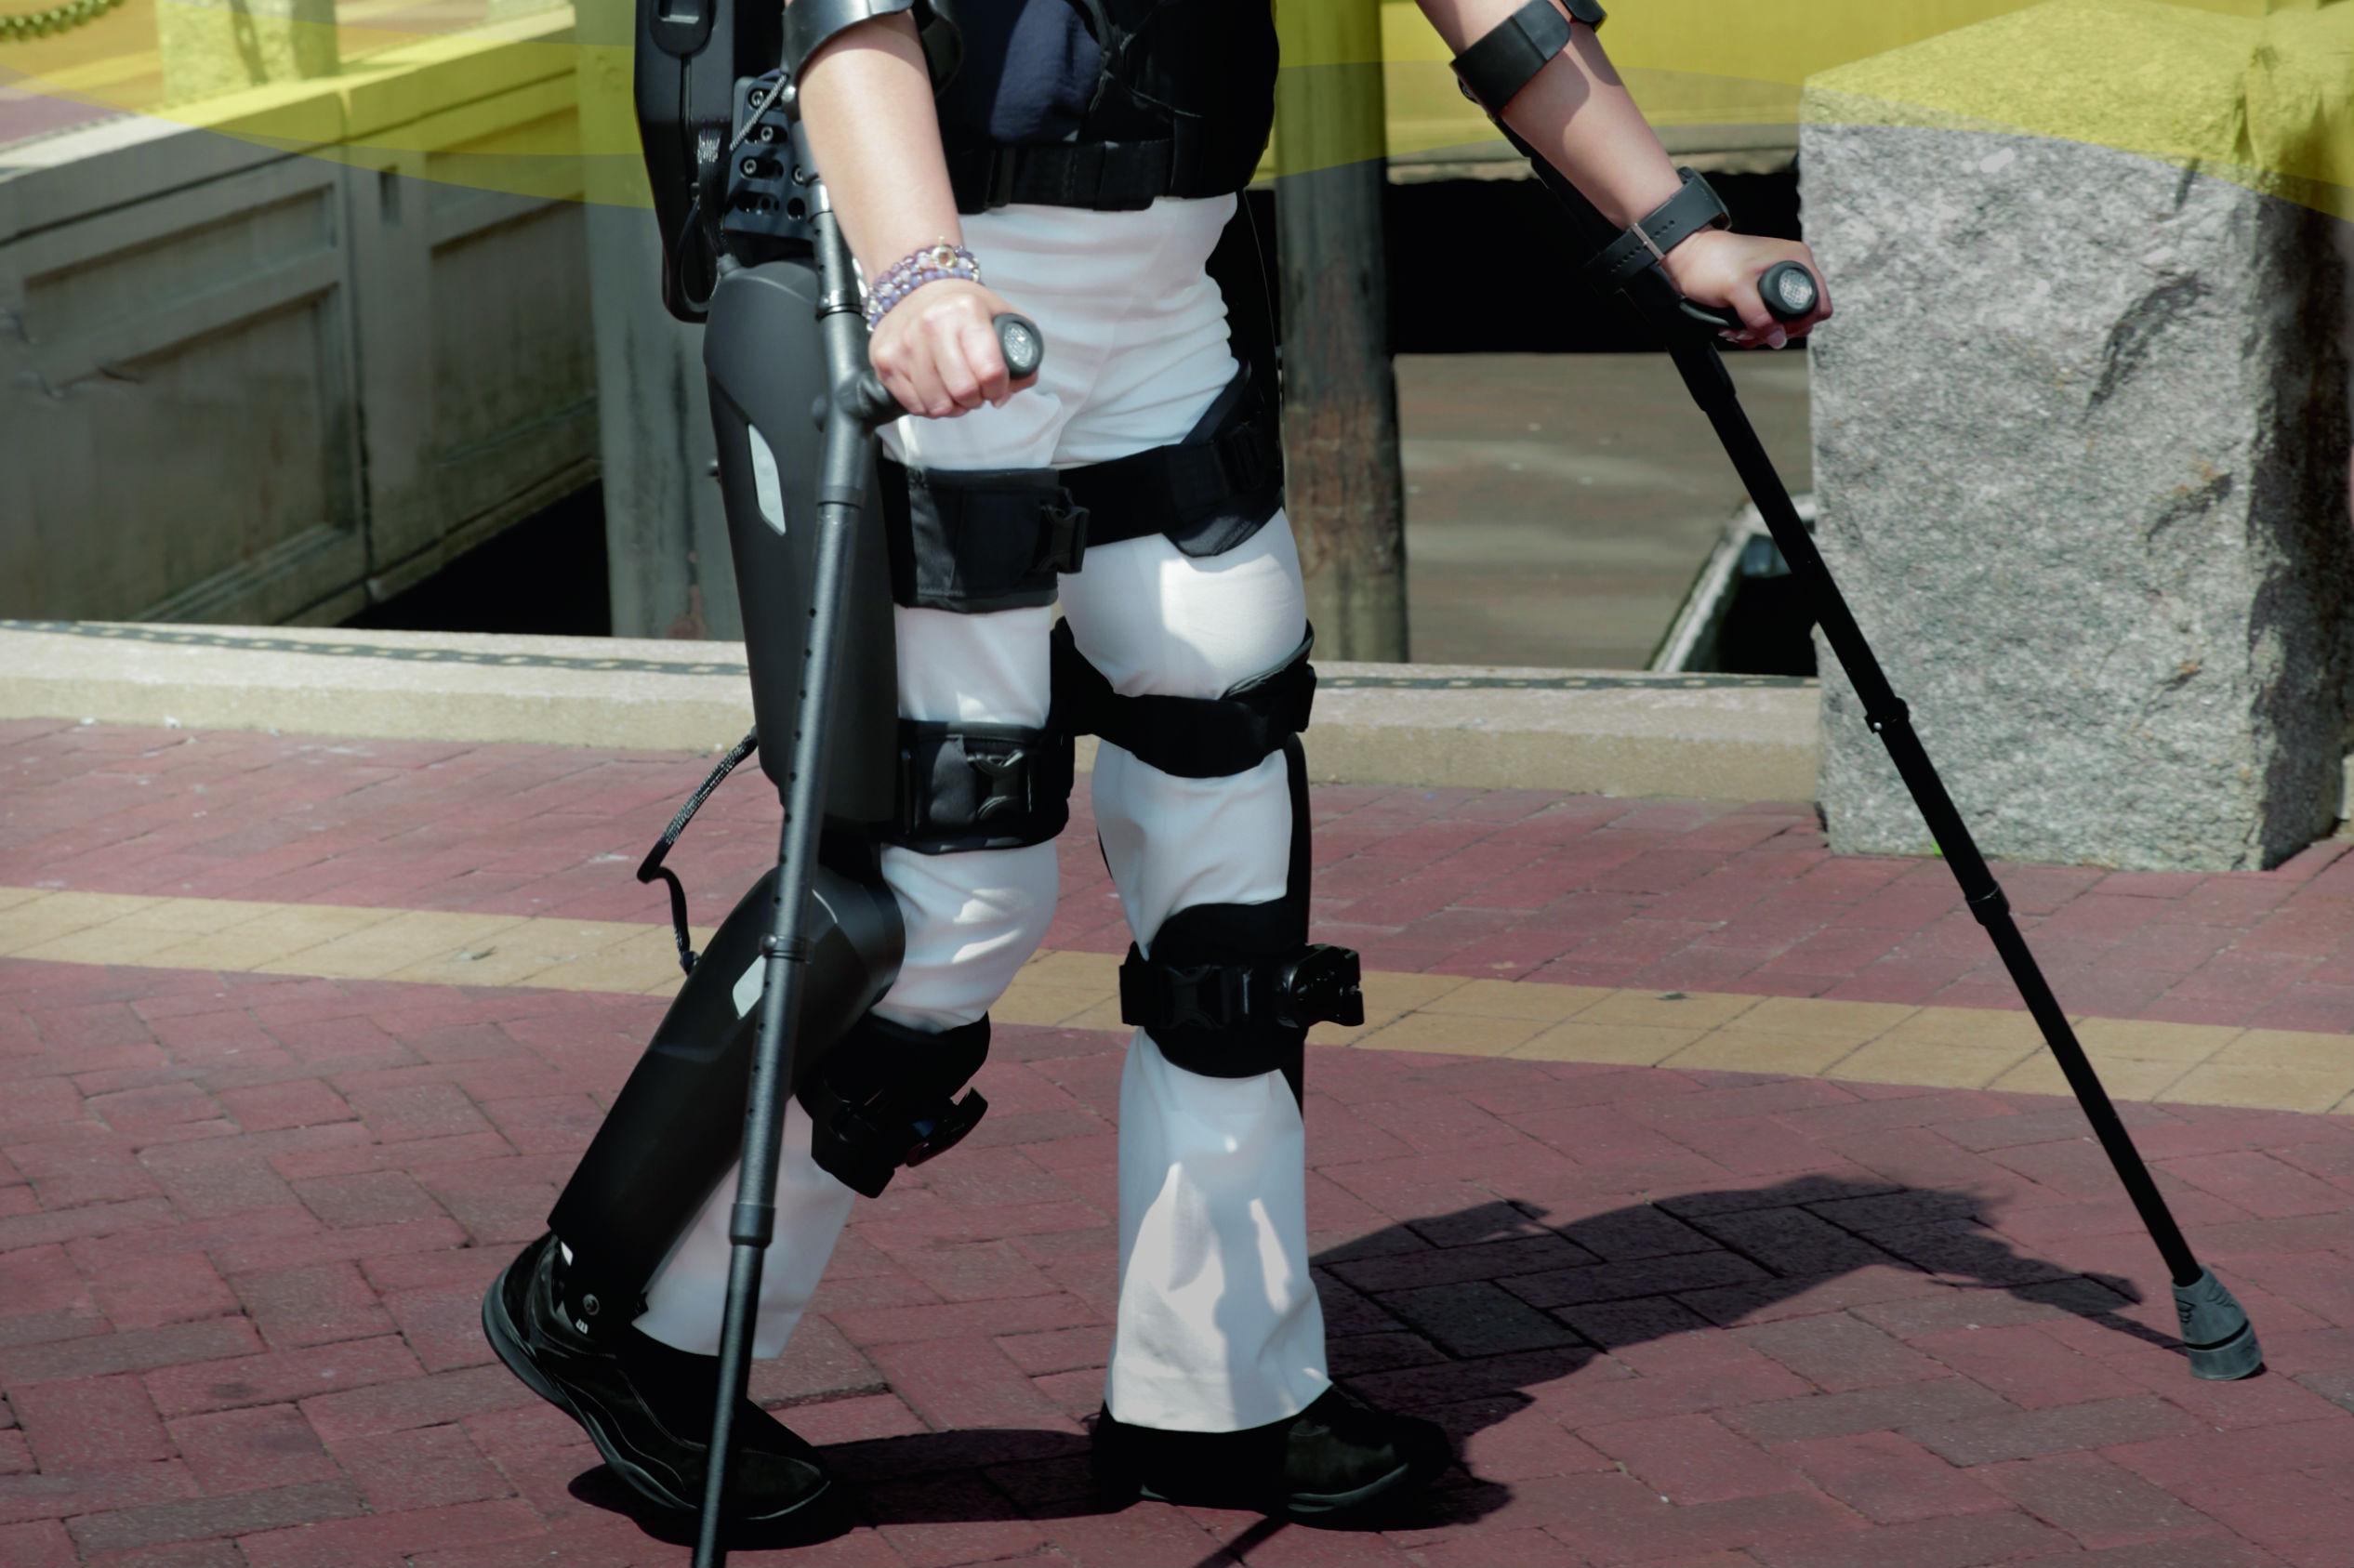 The Rewalk 6 0 Robotic Exoskeleton Aims To Make